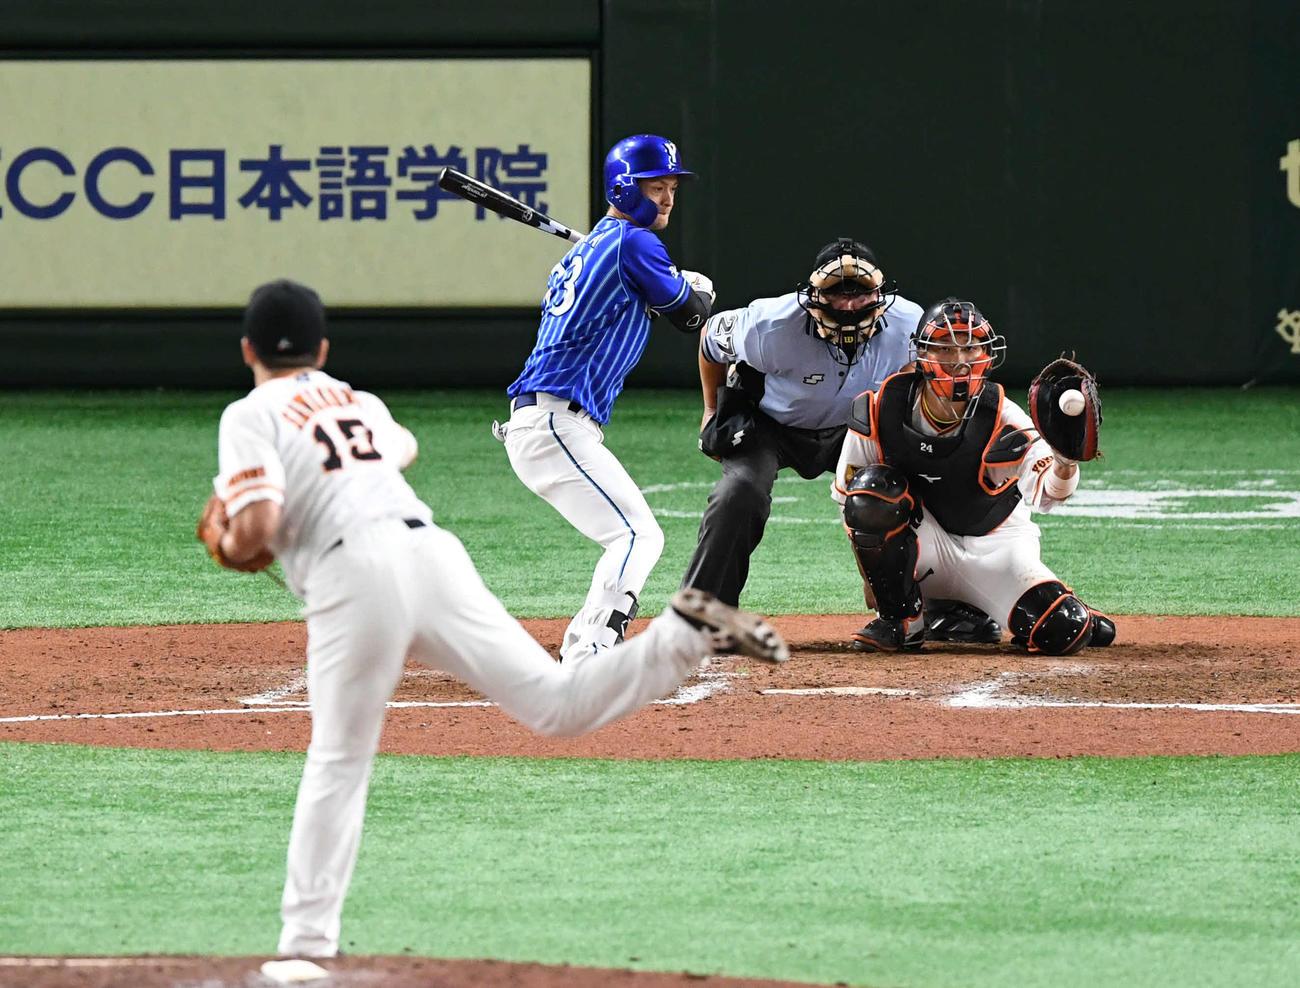 巨人対DeNA 8回表DeNA無死、代打乙坂は四球を選ぶ。投手沢村(撮影・山崎安昭)